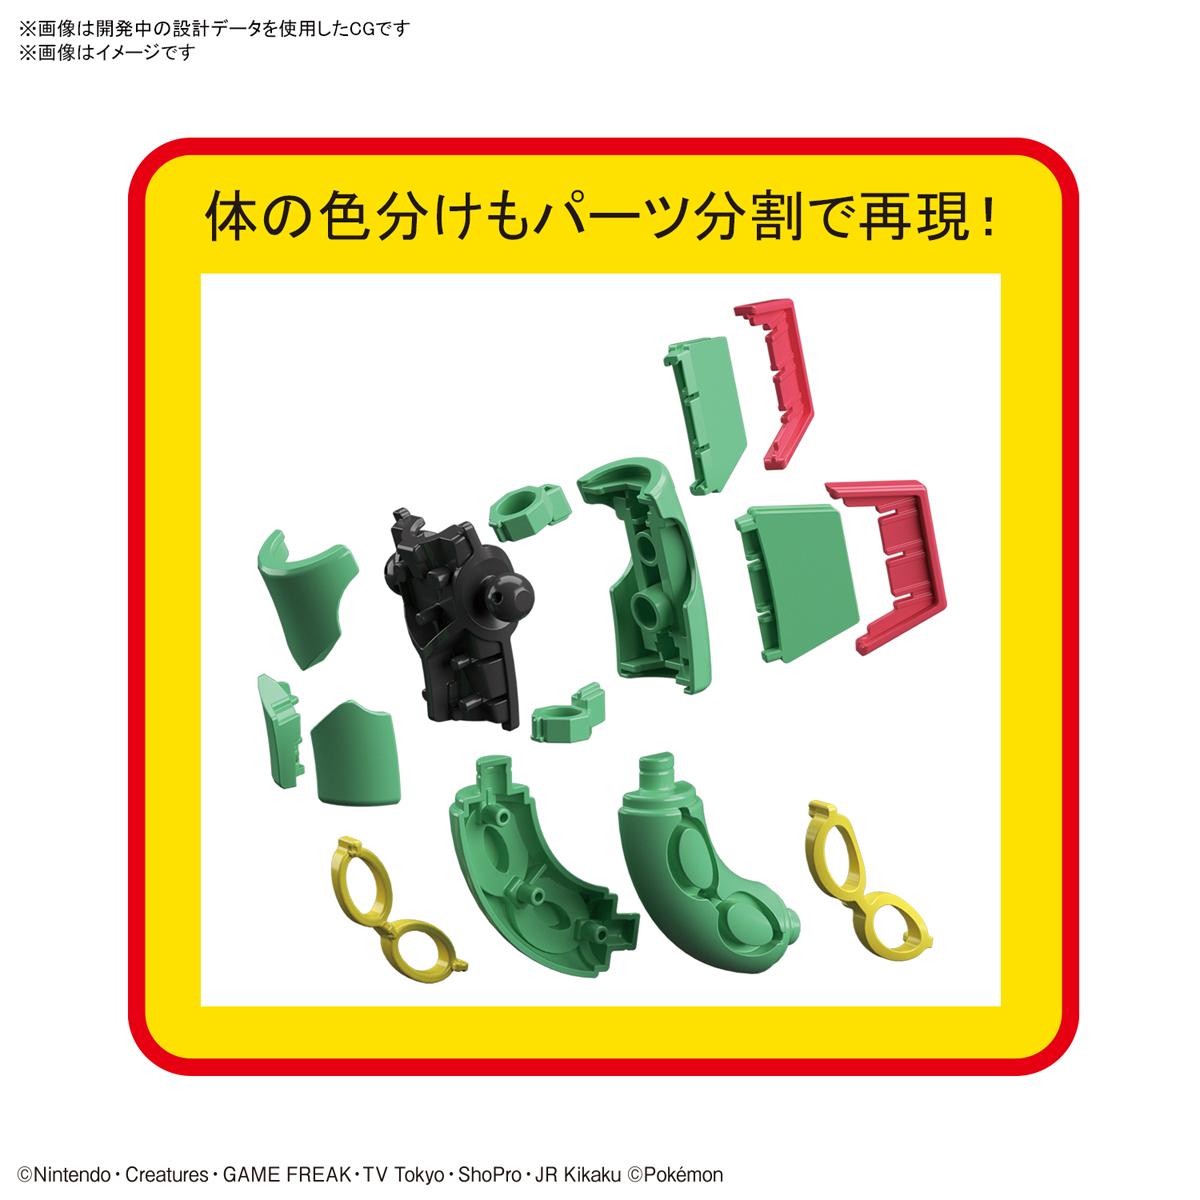 ポケモンプラモコレクション 46 セレクトシリーズ『レックウザ』プラモデル-003